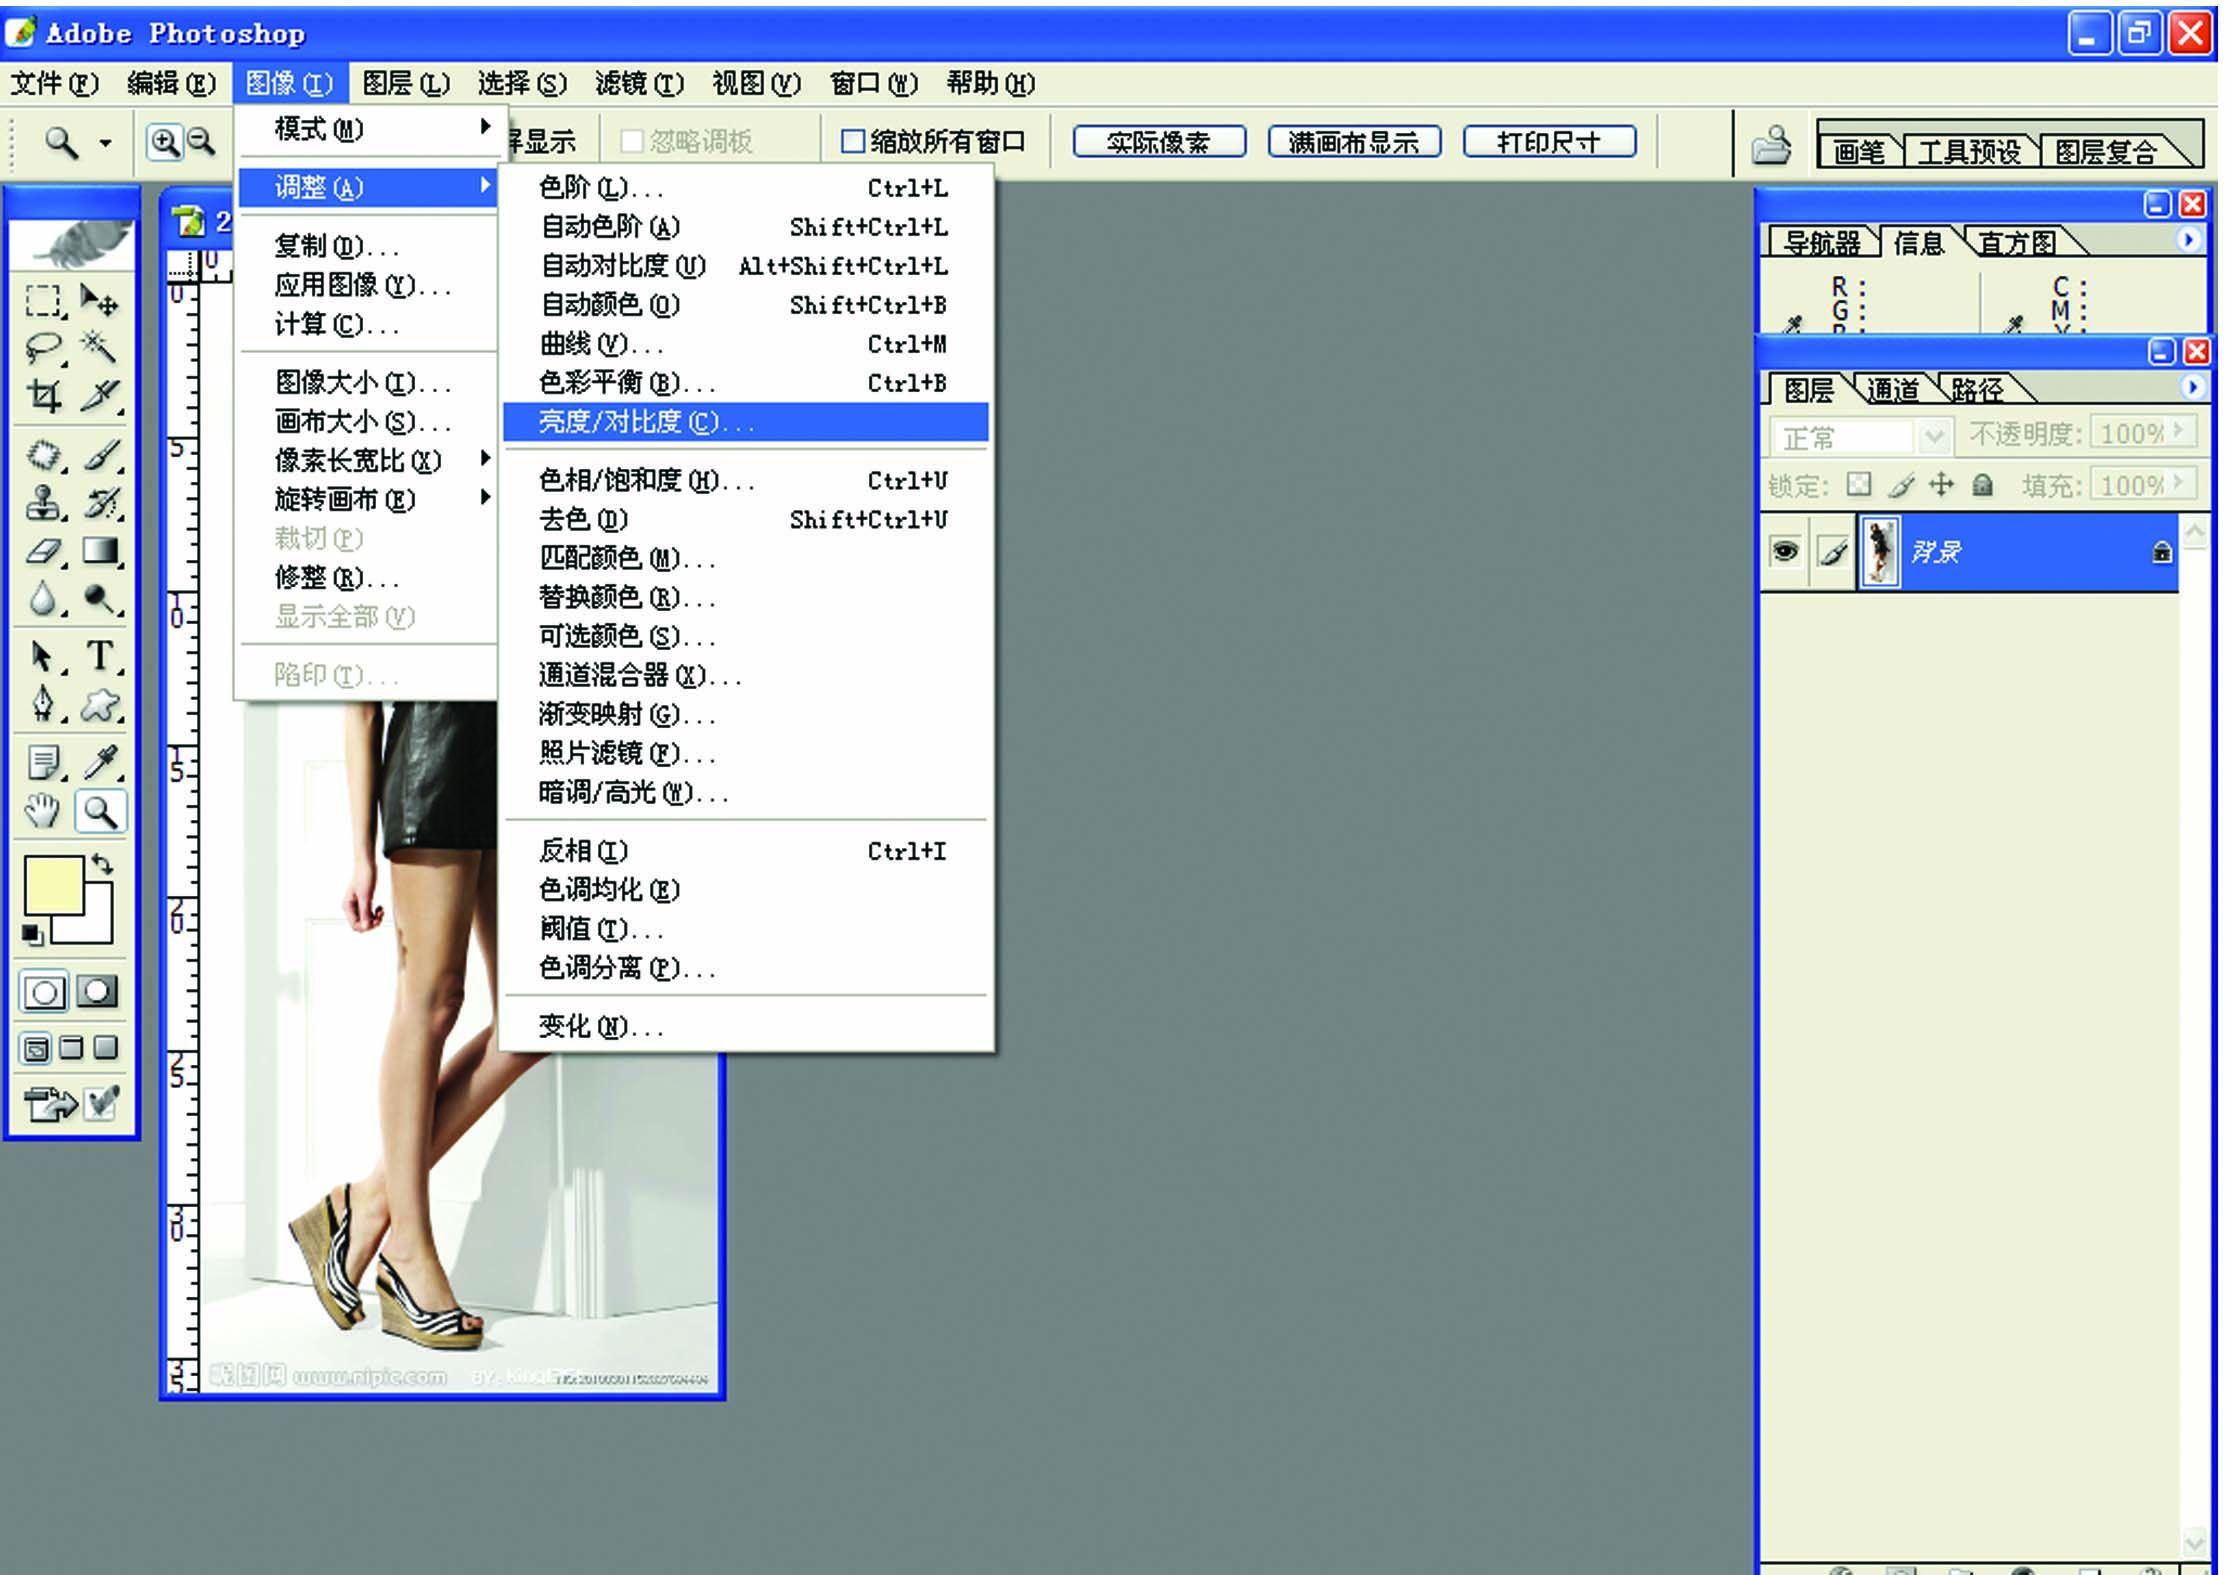 CorelDRAW上的图像调整